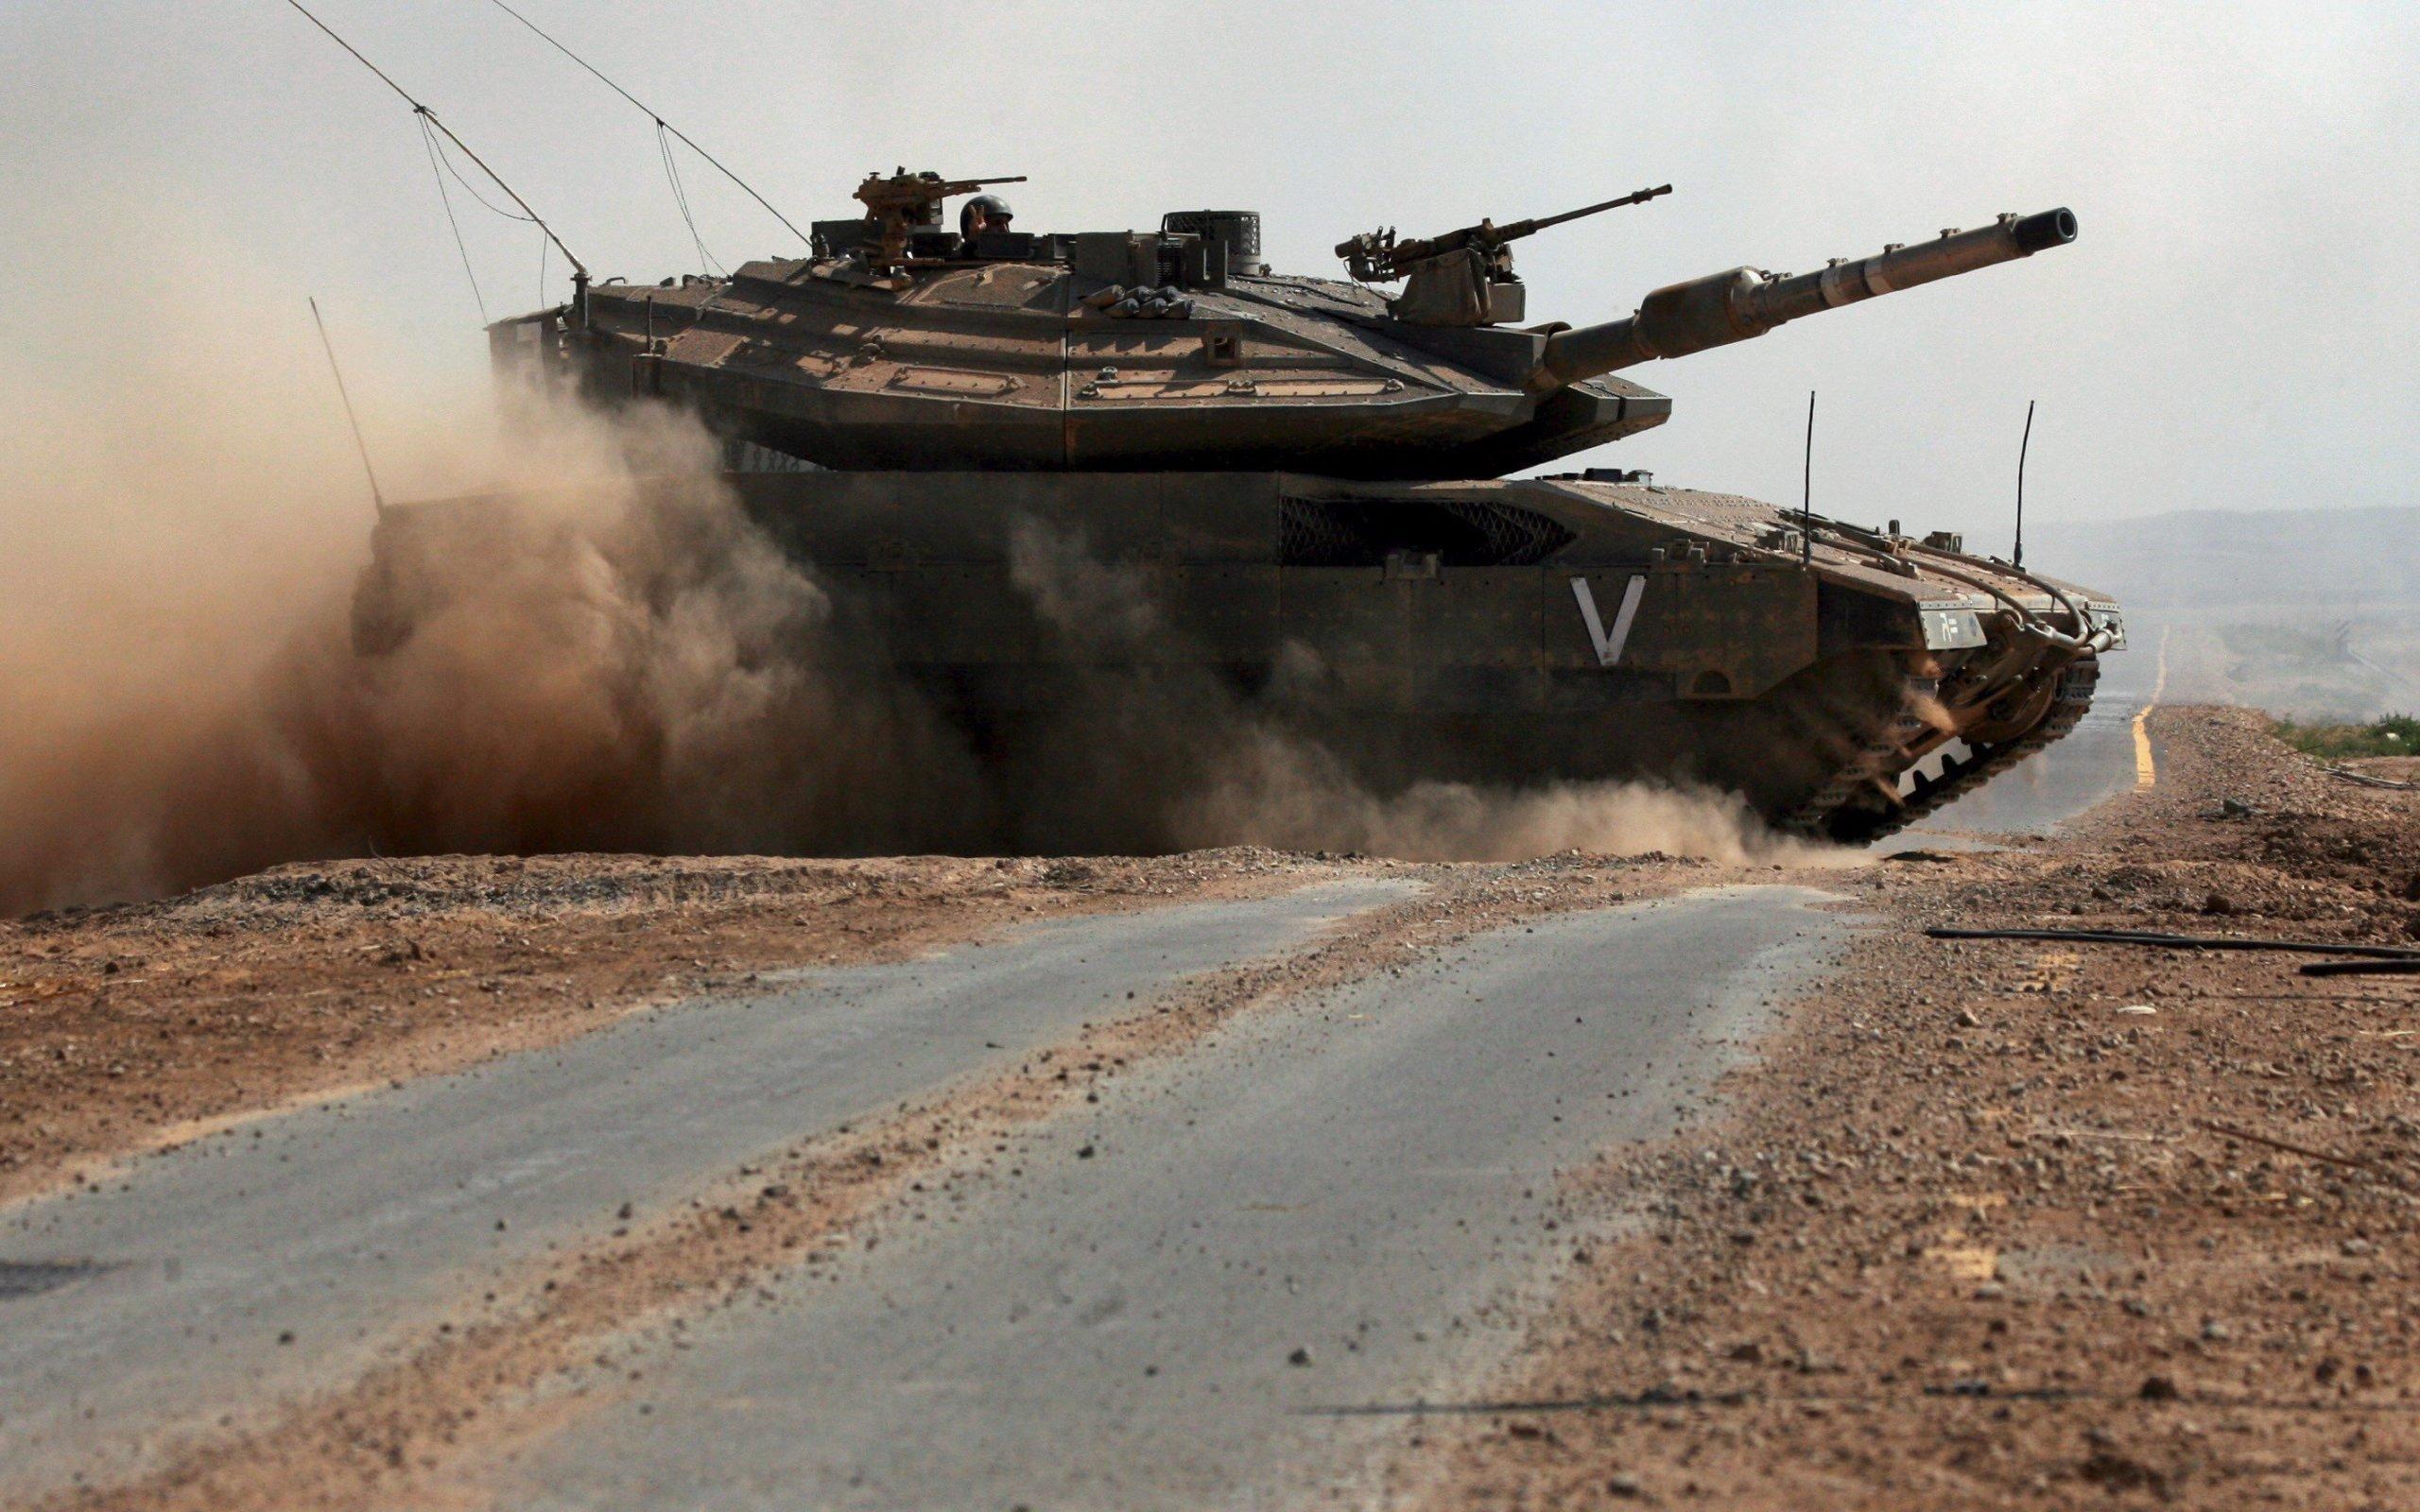 танк, скорость, дорога